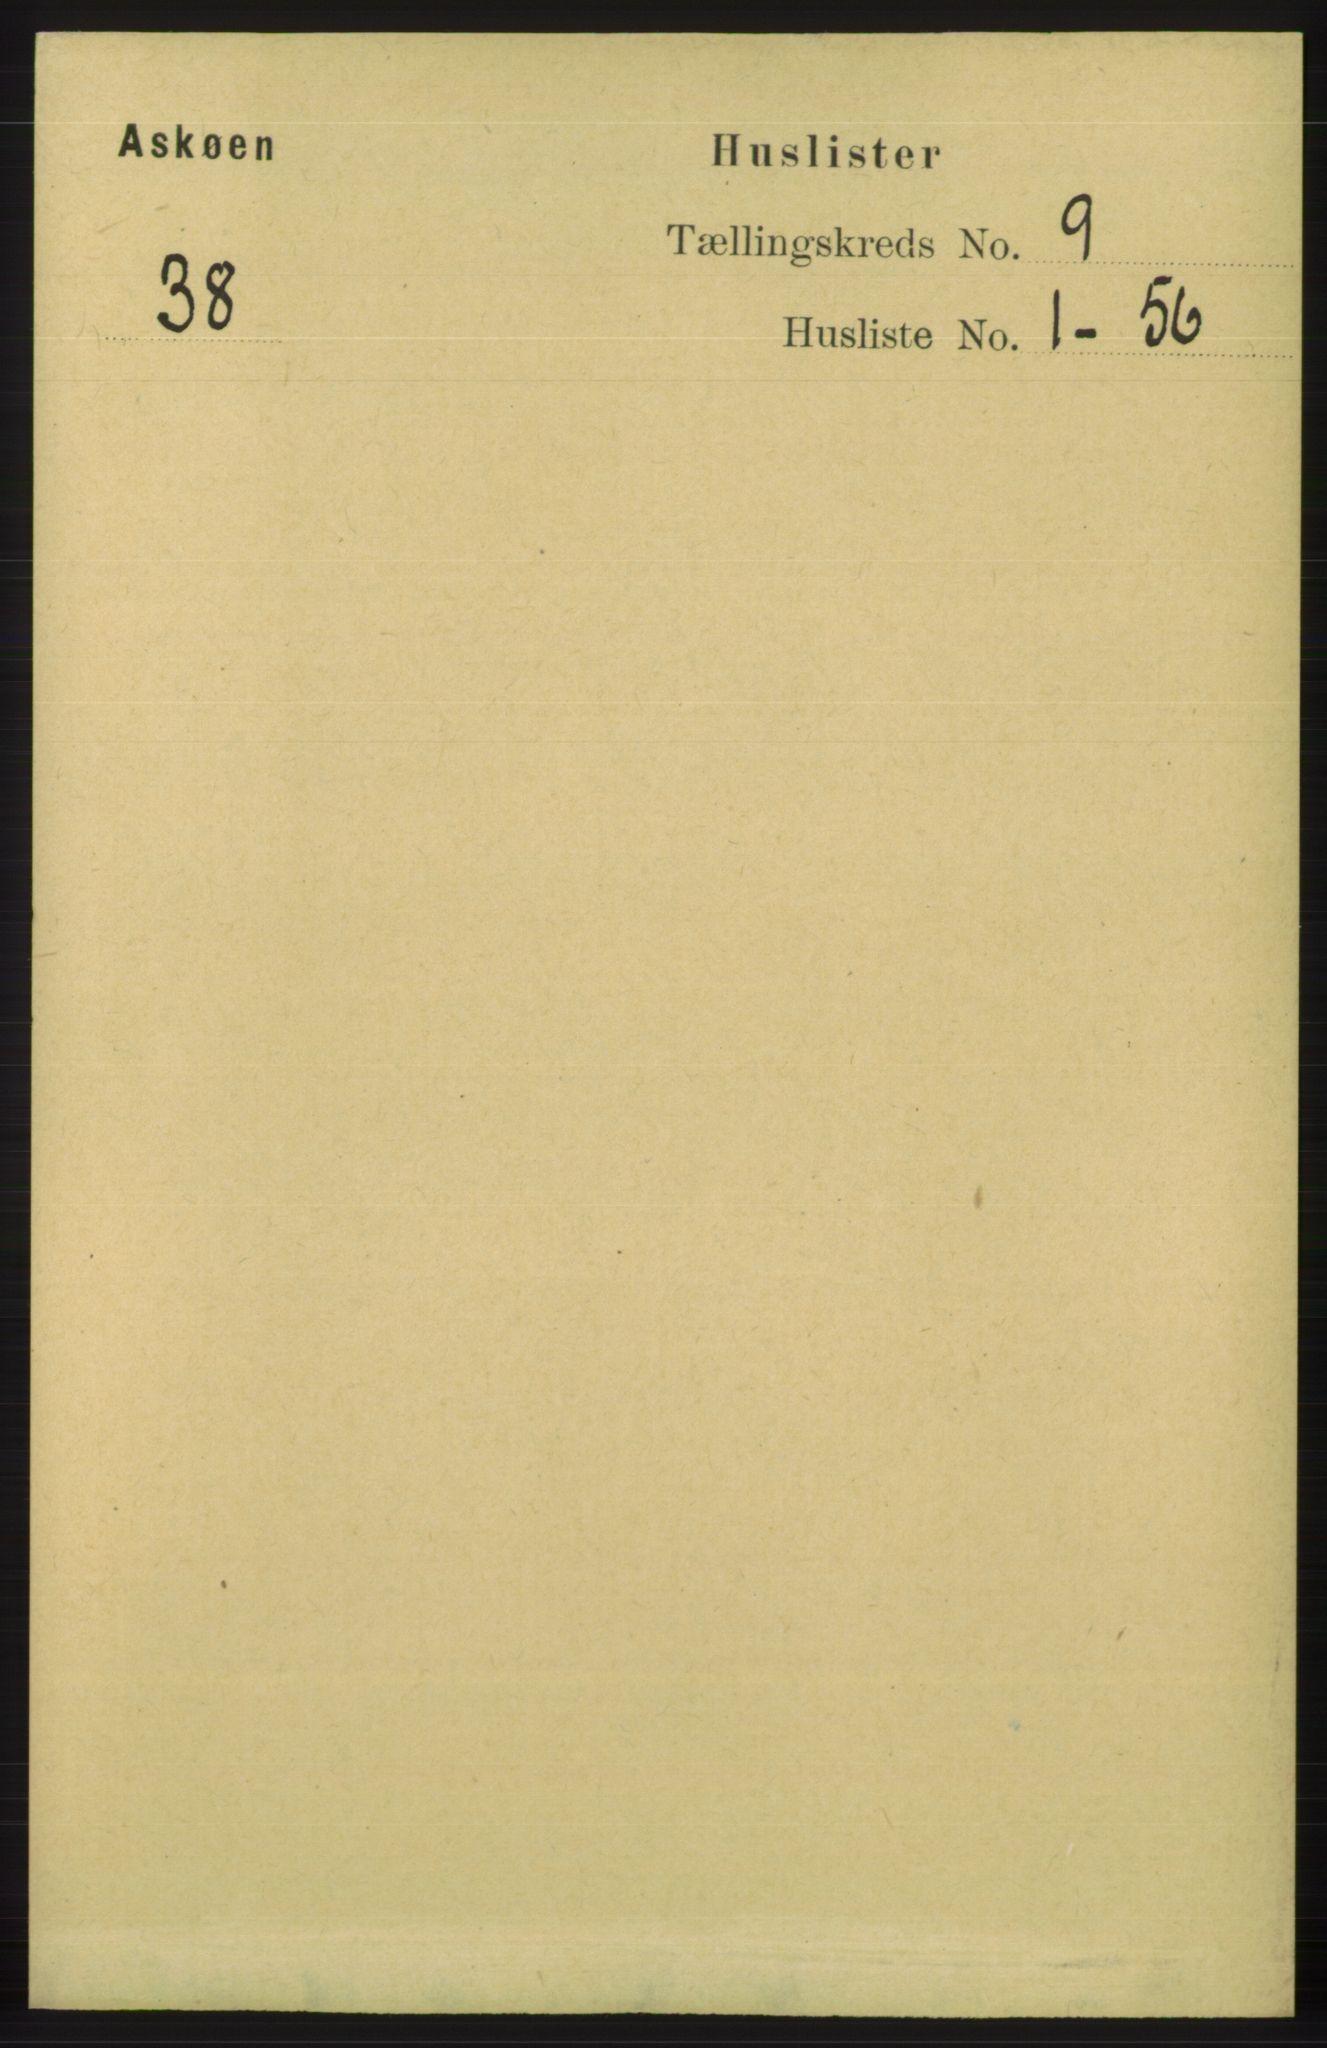 RA, Folketelling 1891 for 1247 Askøy herred, 1891, s. 5892